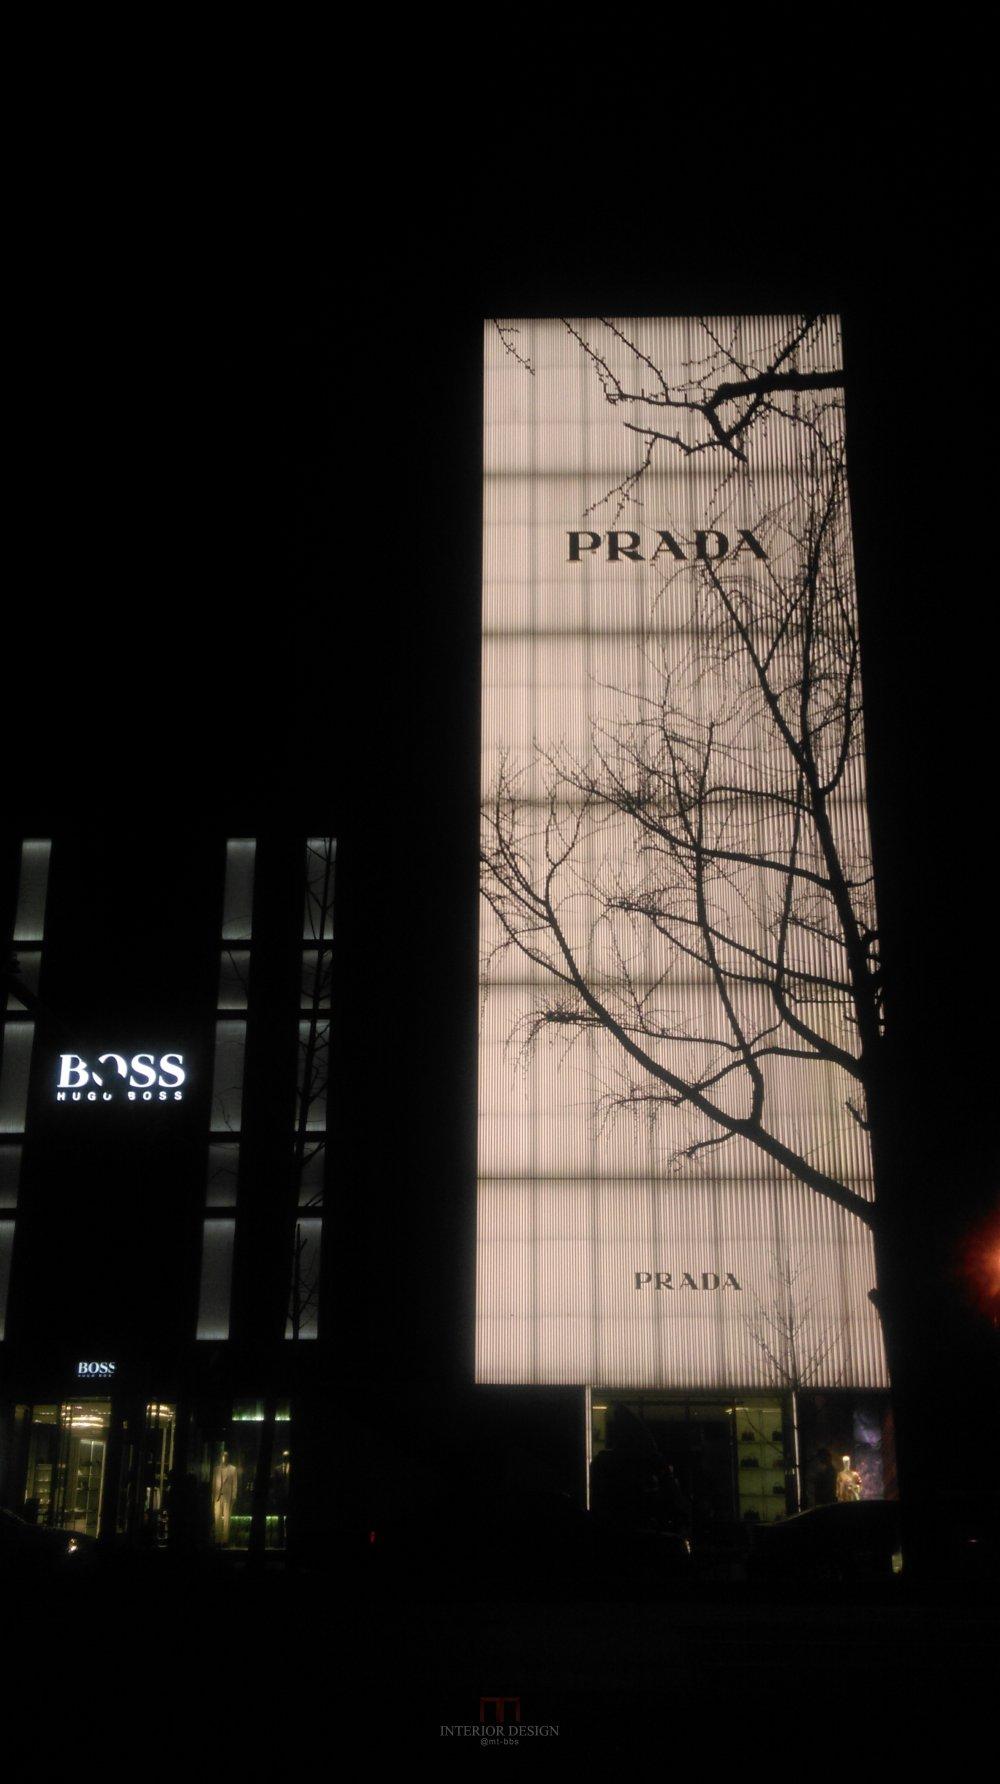 #伙伴一起看日本#  日本设计考察分享(更新美秀美术馆)_IMAG8358.jpg